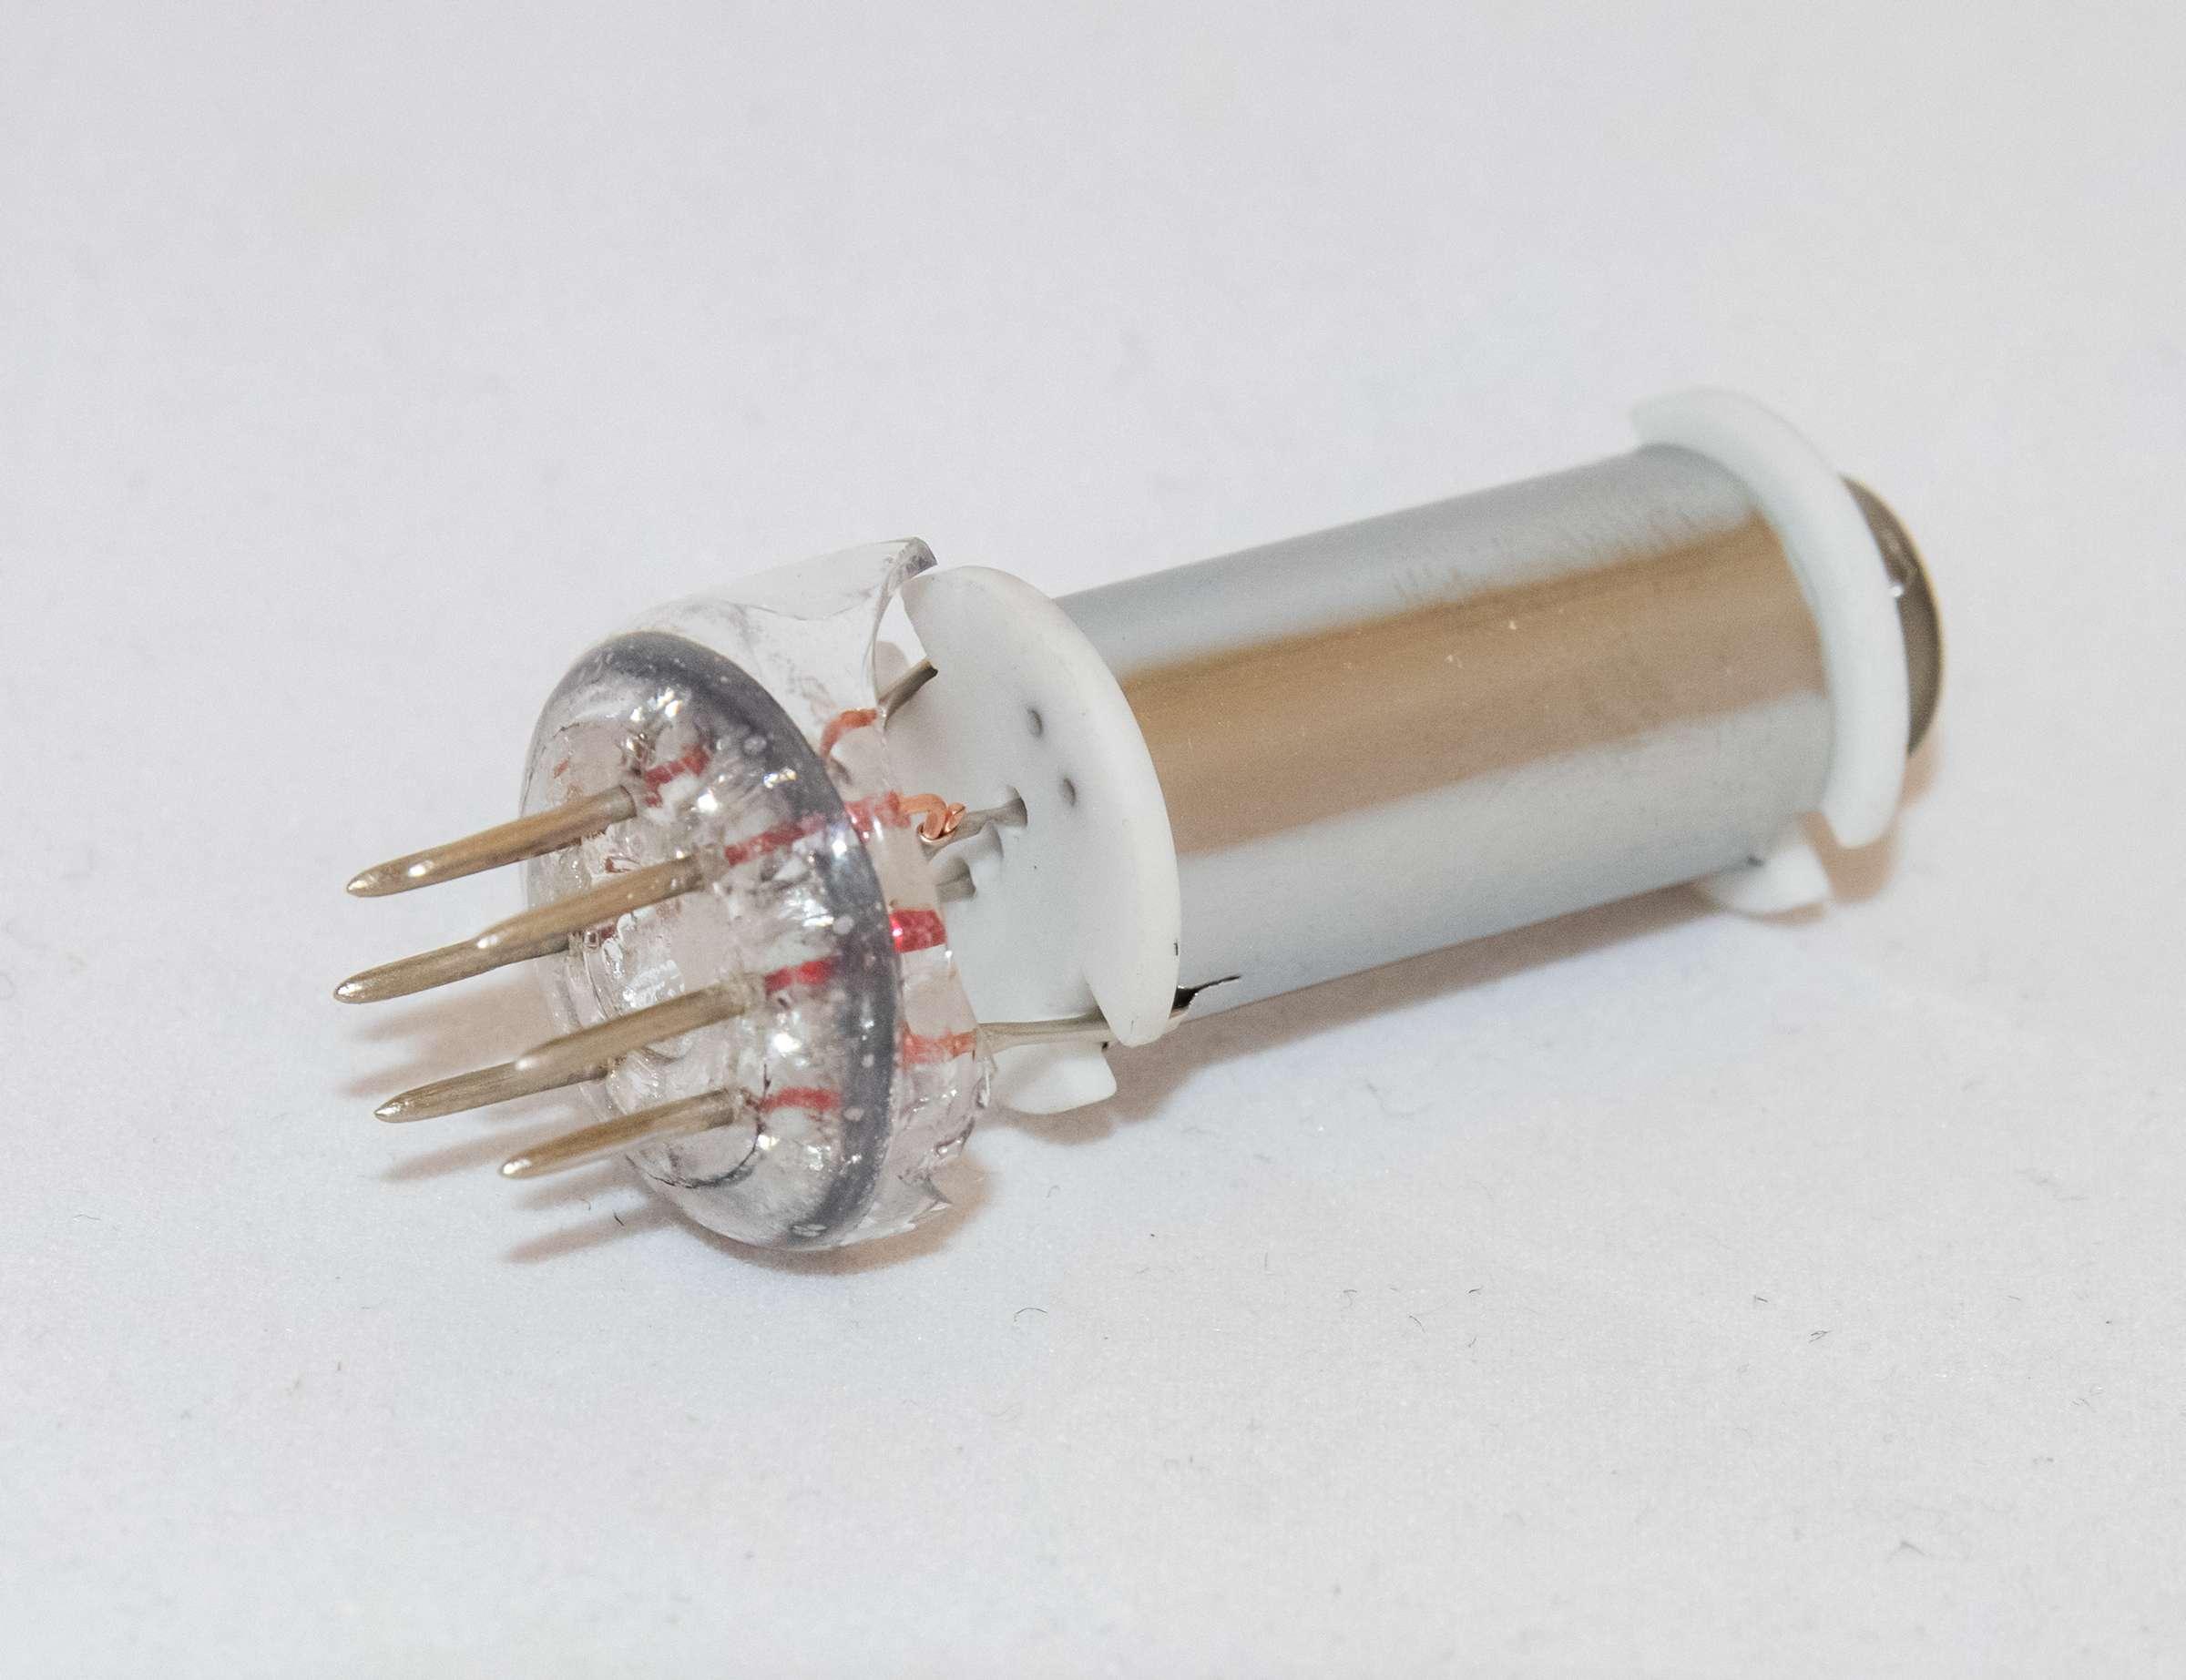 Внутреннее устройство радиолампы СГ15П-2